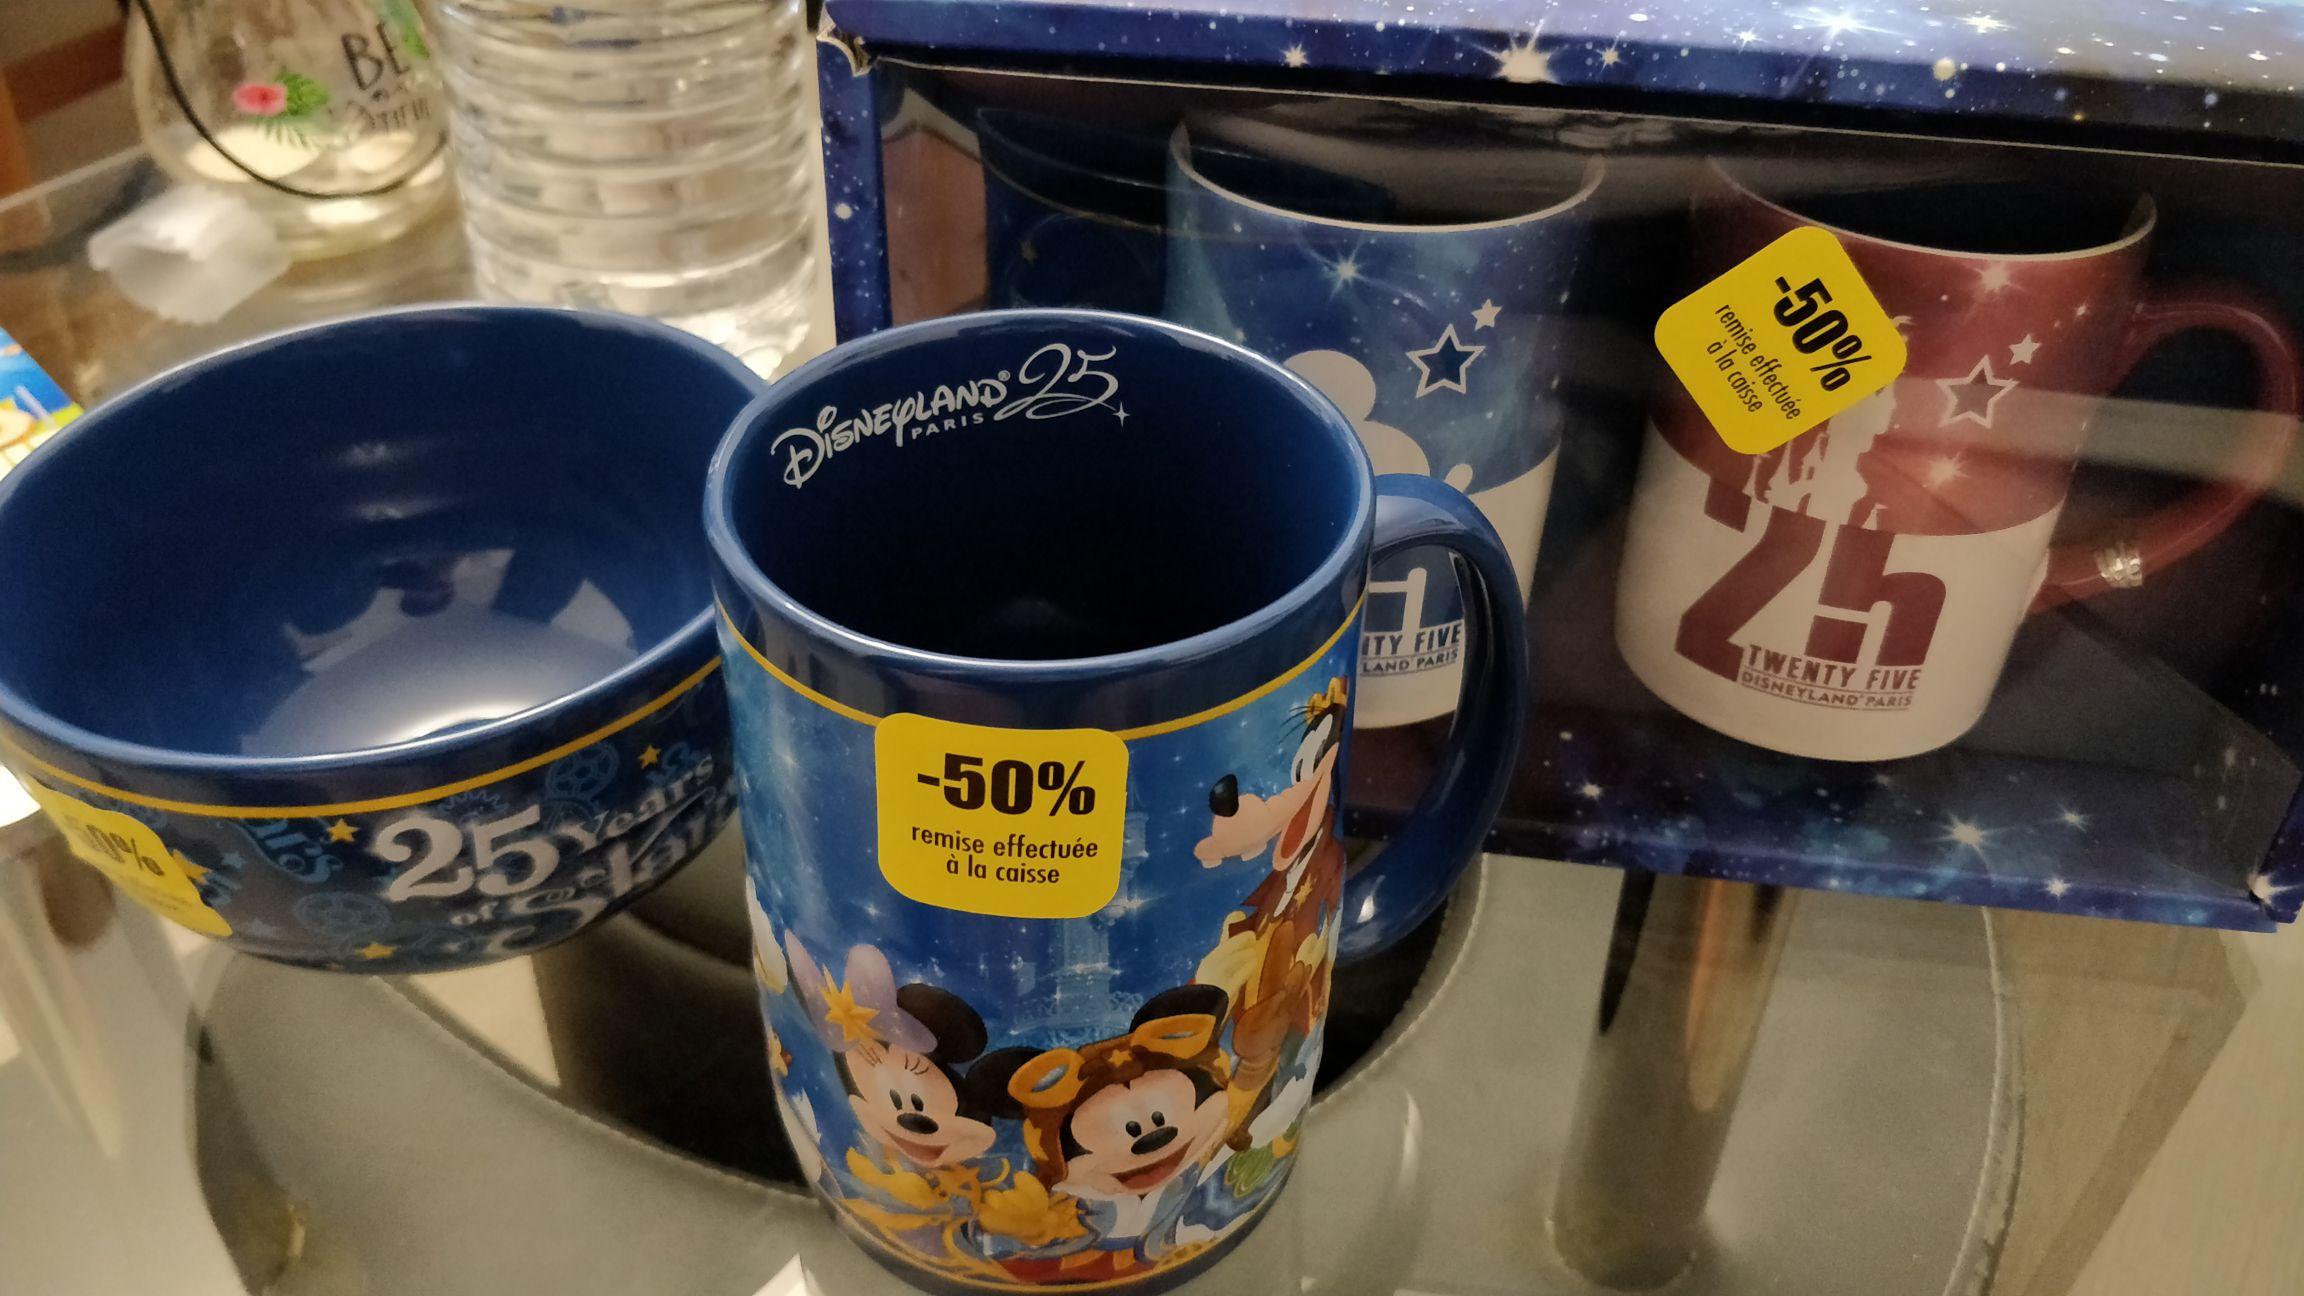 50% de réduction immédiate sur les articles du 25ème anniversaire Disneyland Paris - World Of Disney Disney Village (77)